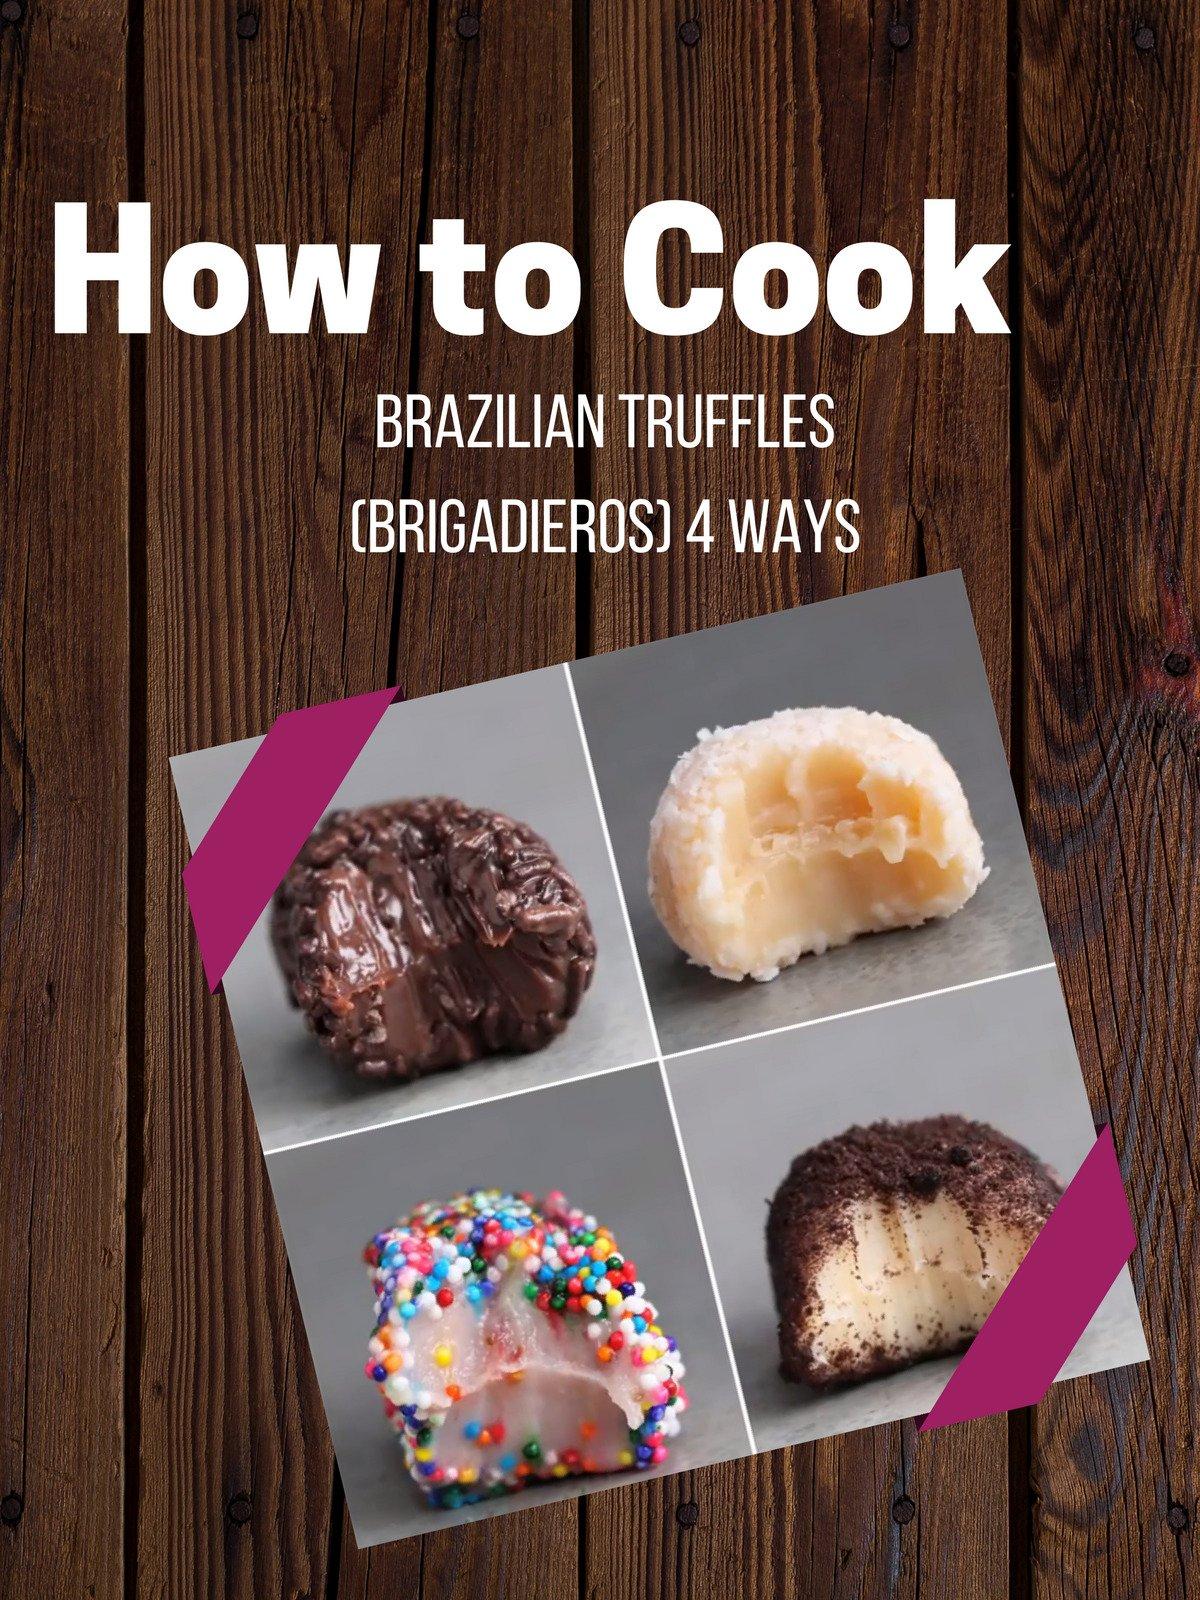 Brazilian Truffles (Brigadieros) 4 Ways